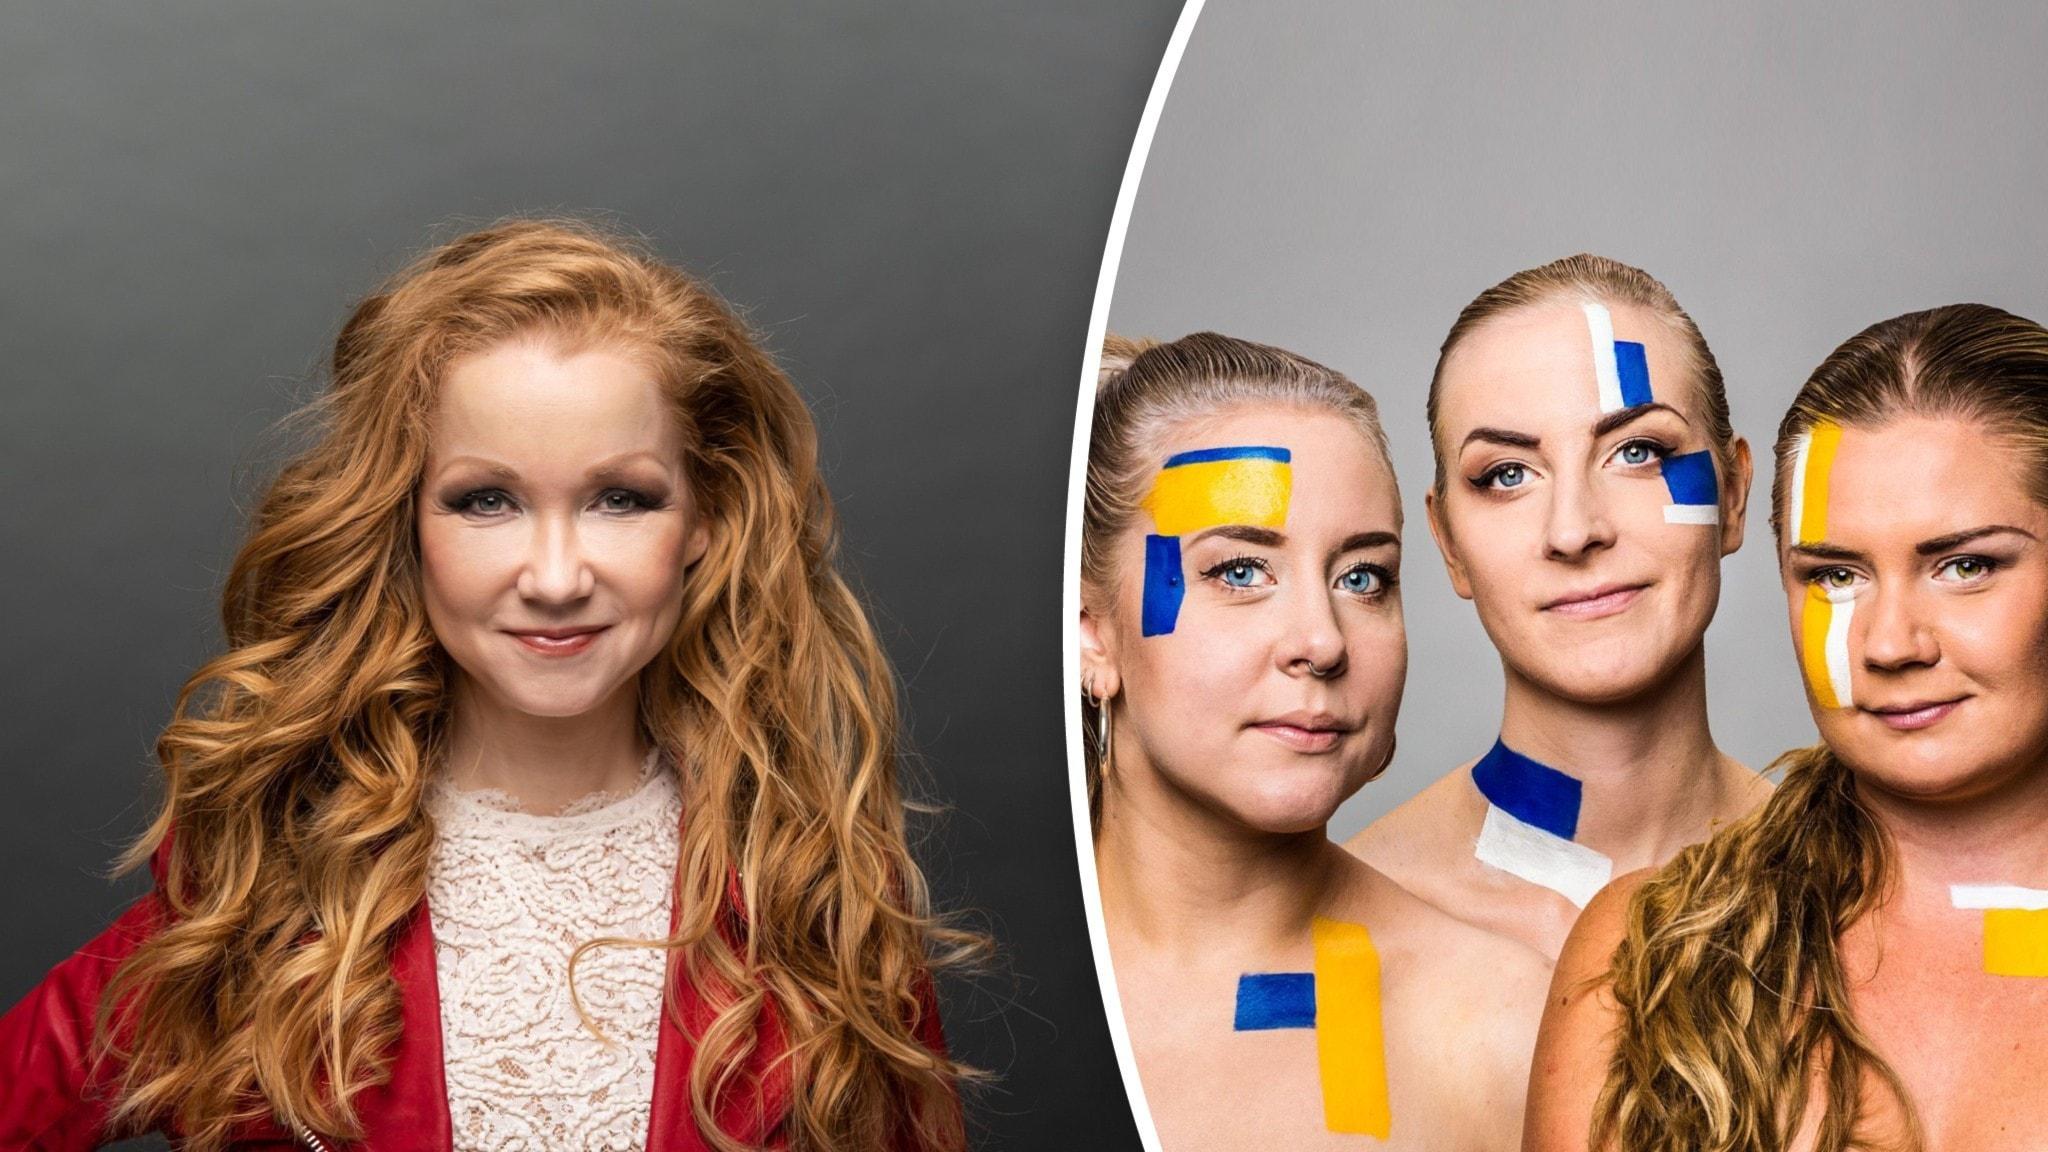 Jaettu kuva jossa Angela Ahola on vasemmalla ja Populan juontajat ovat oikealla.